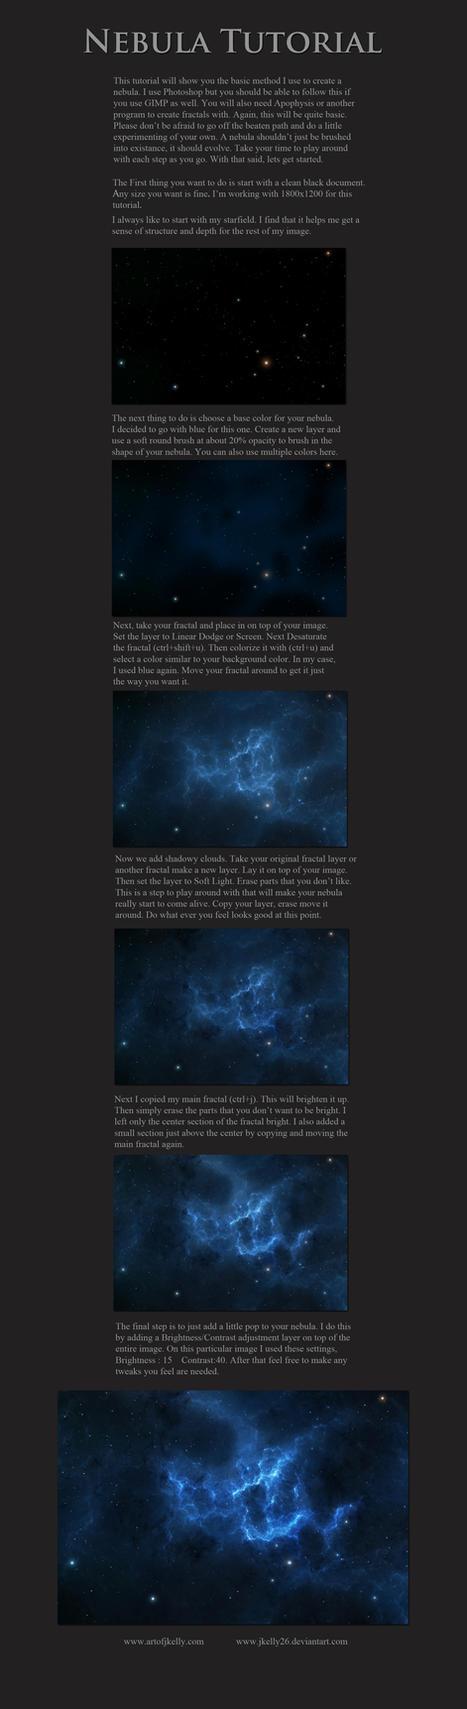 Nebula Tutorial by JKelly26